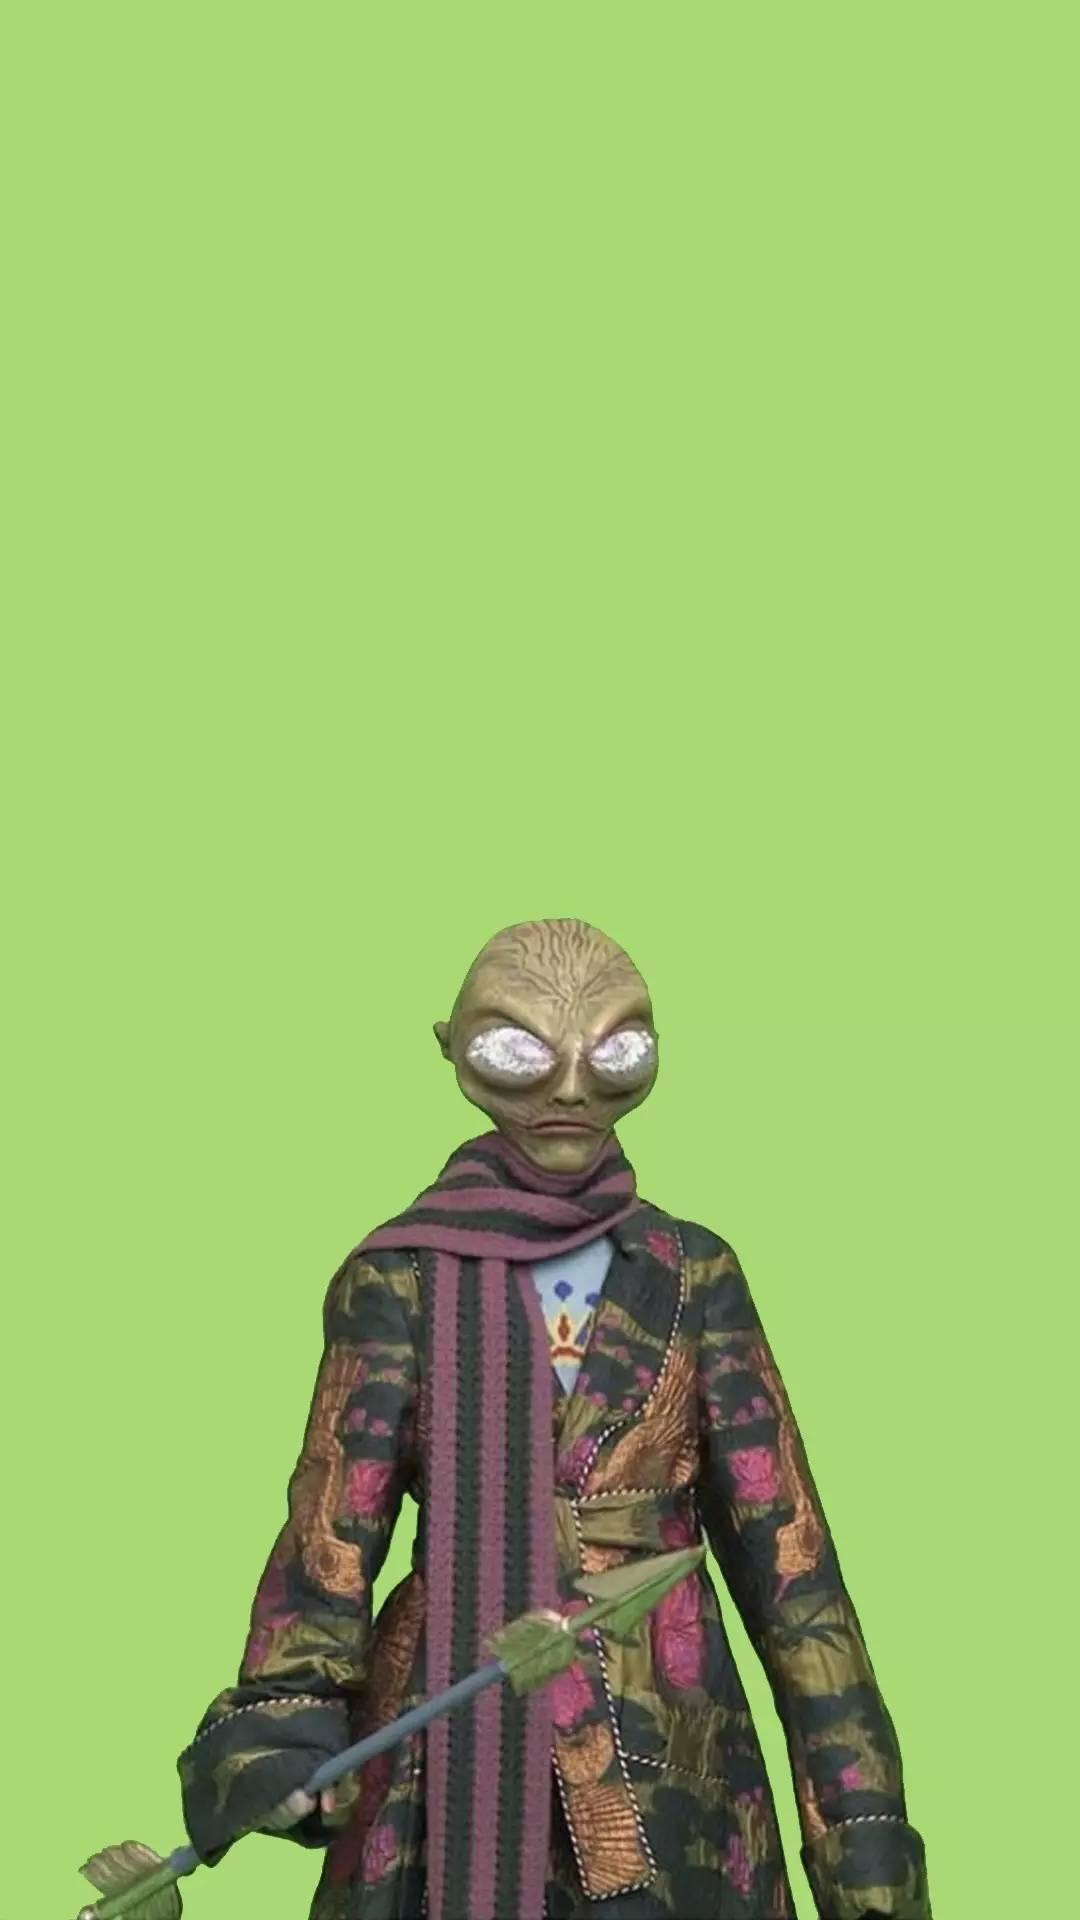 外星人占领了新一季的 GUCCI丨K-WALLPAPER Vol.153